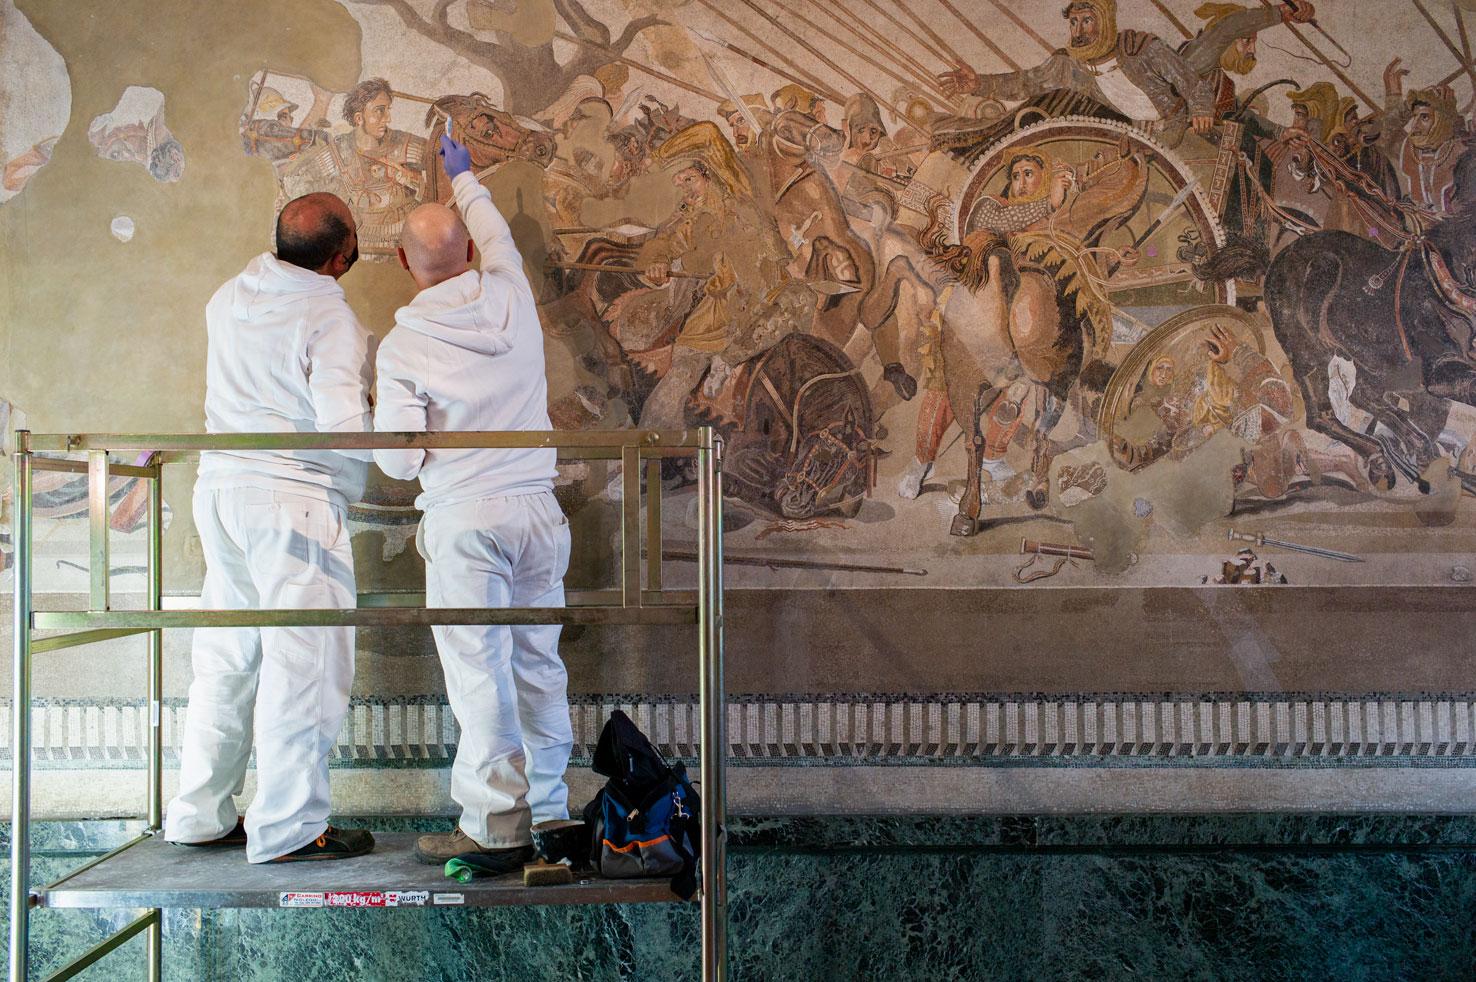 Napoli, partito il complesso restauro del Mosaico di Alessandro alla Battaglia di Isso